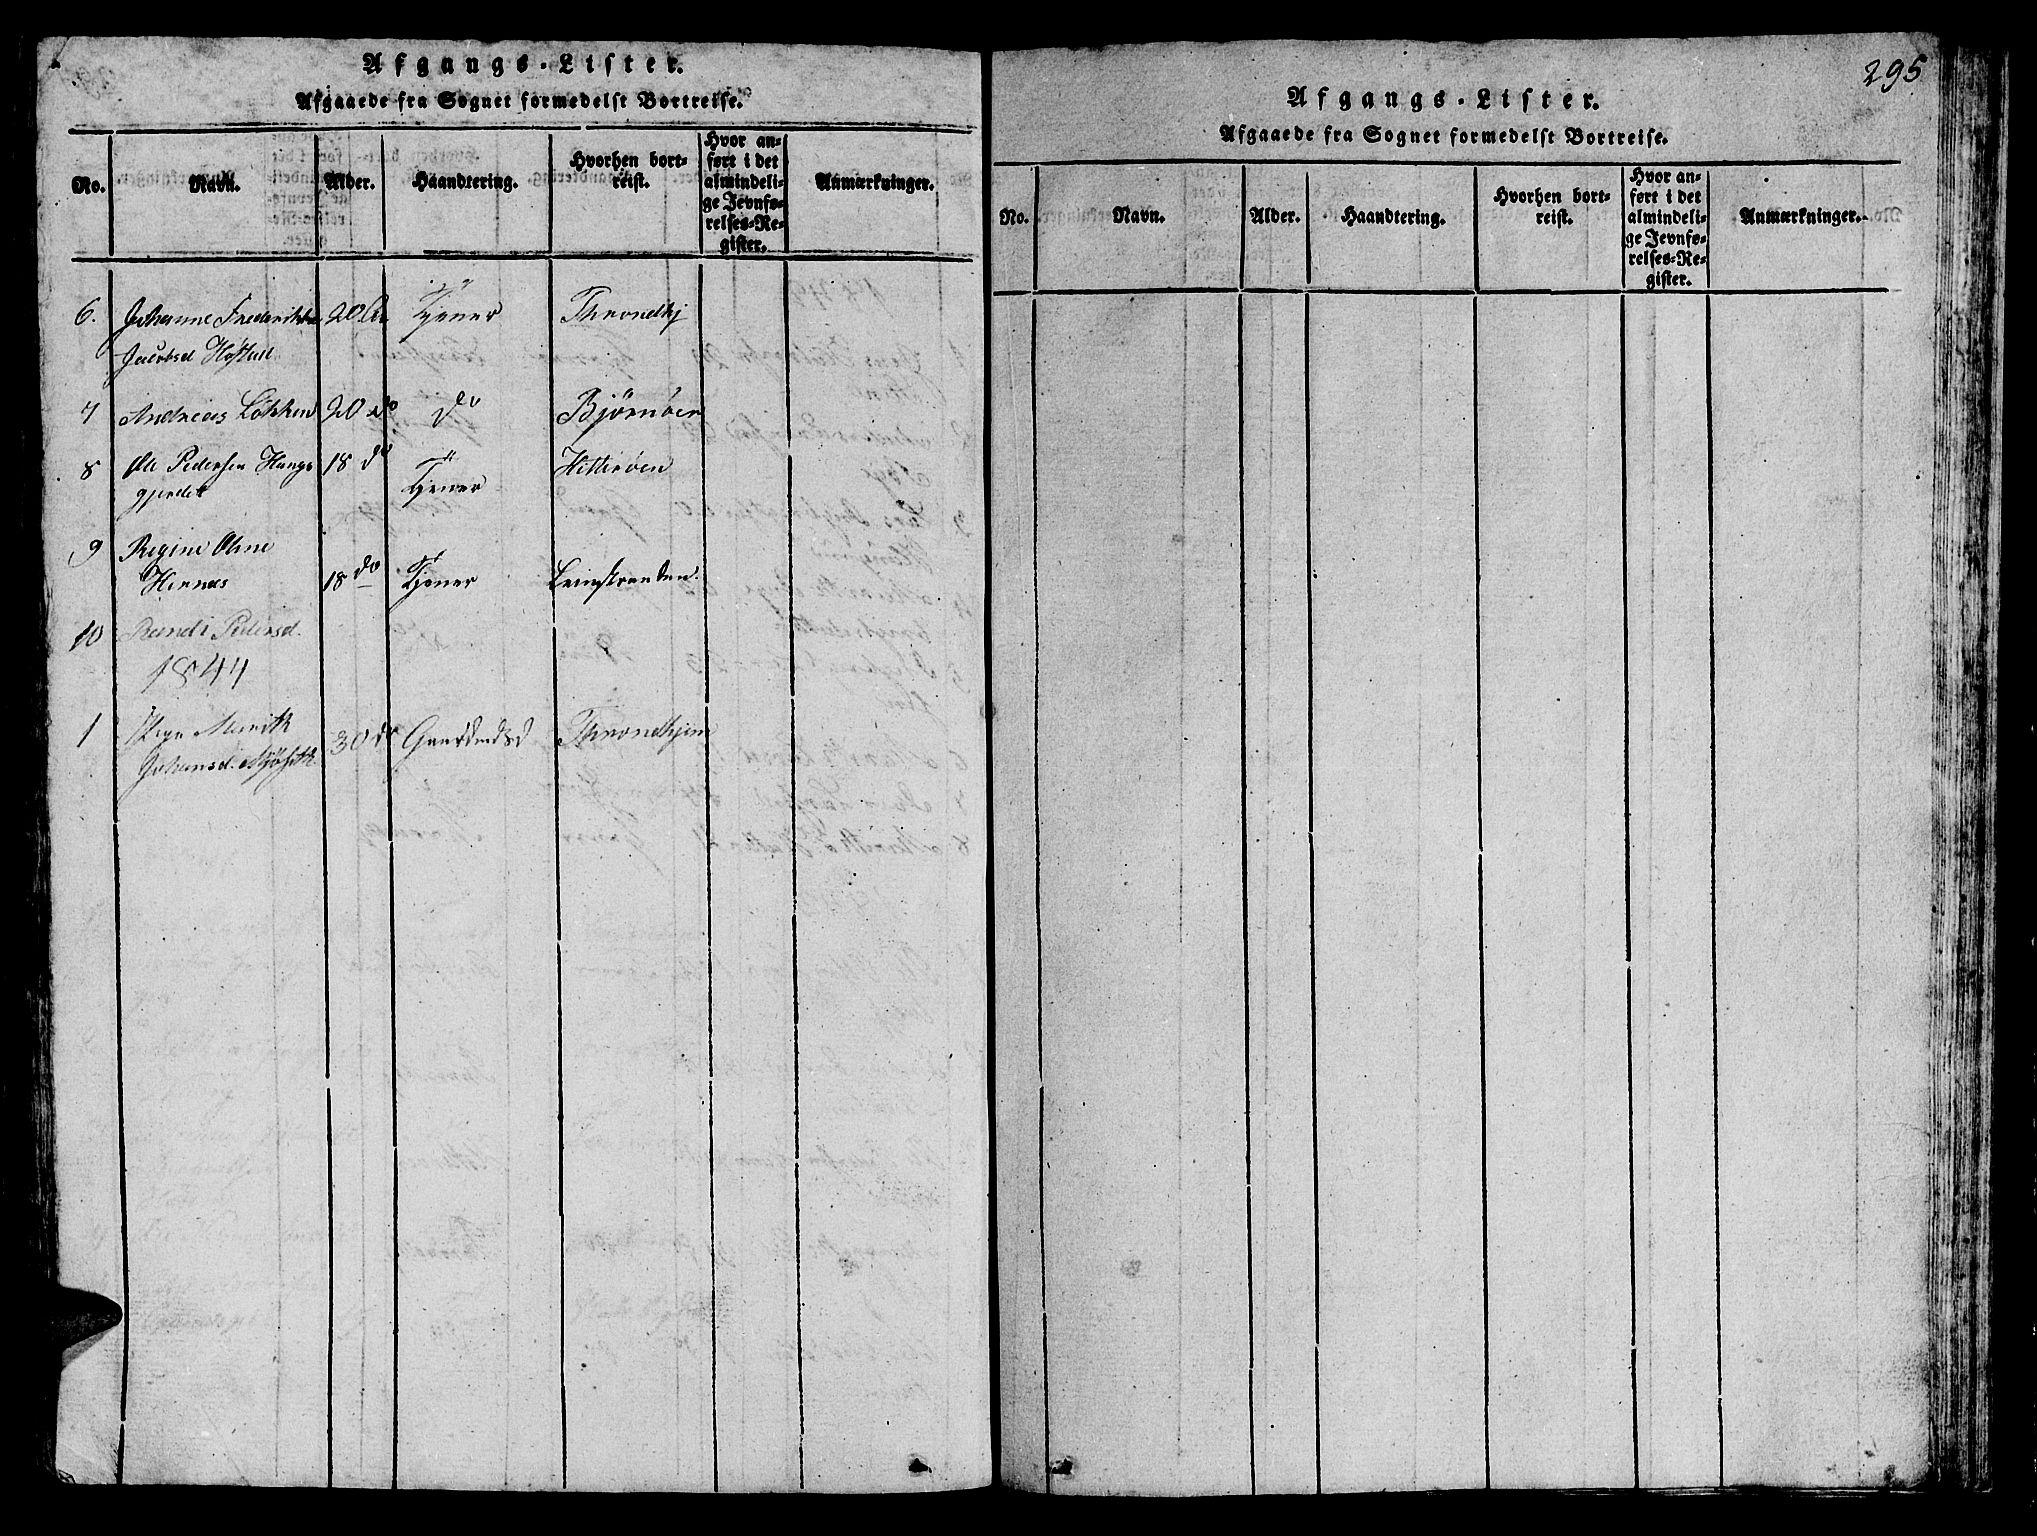 SAT, Ministerialprotokoller, klokkerbøker og fødselsregistre - Sør-Trøndelag, 612/L0385: Klokkerbok nr. 612C01, 1816-1845, s. 295